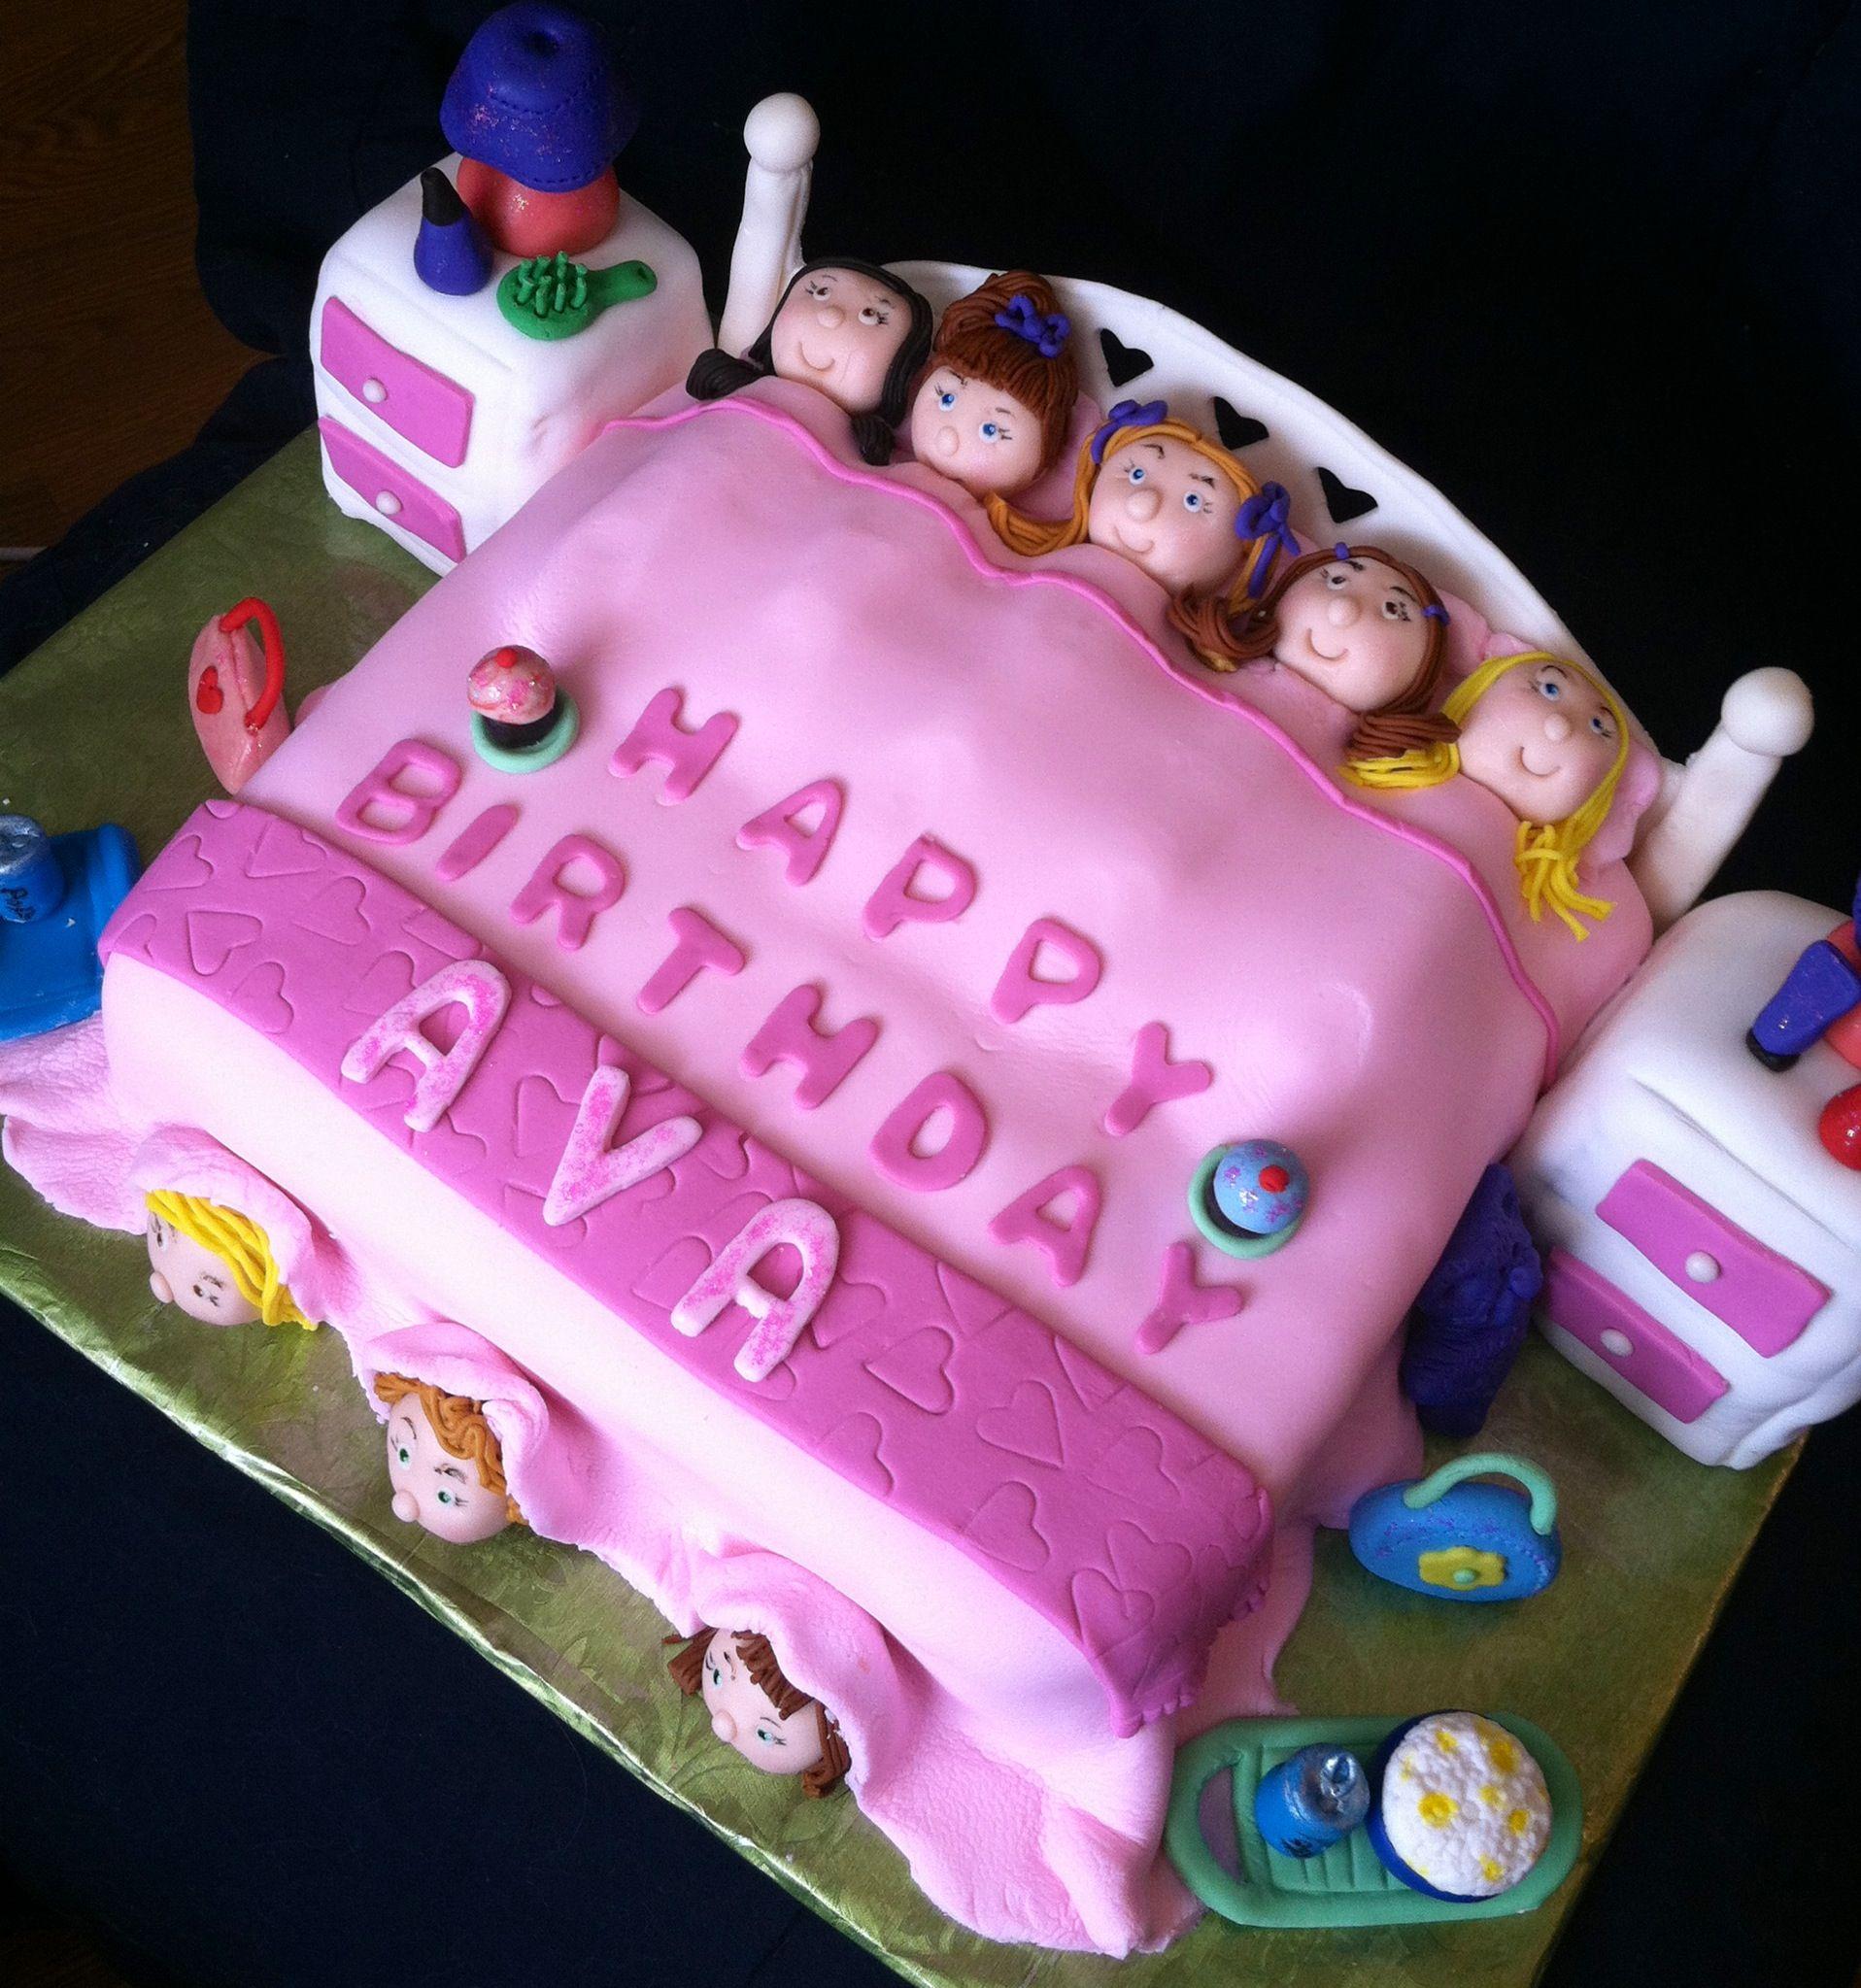 Sleepover cake spa party girls birthday pijamadas Pinterest